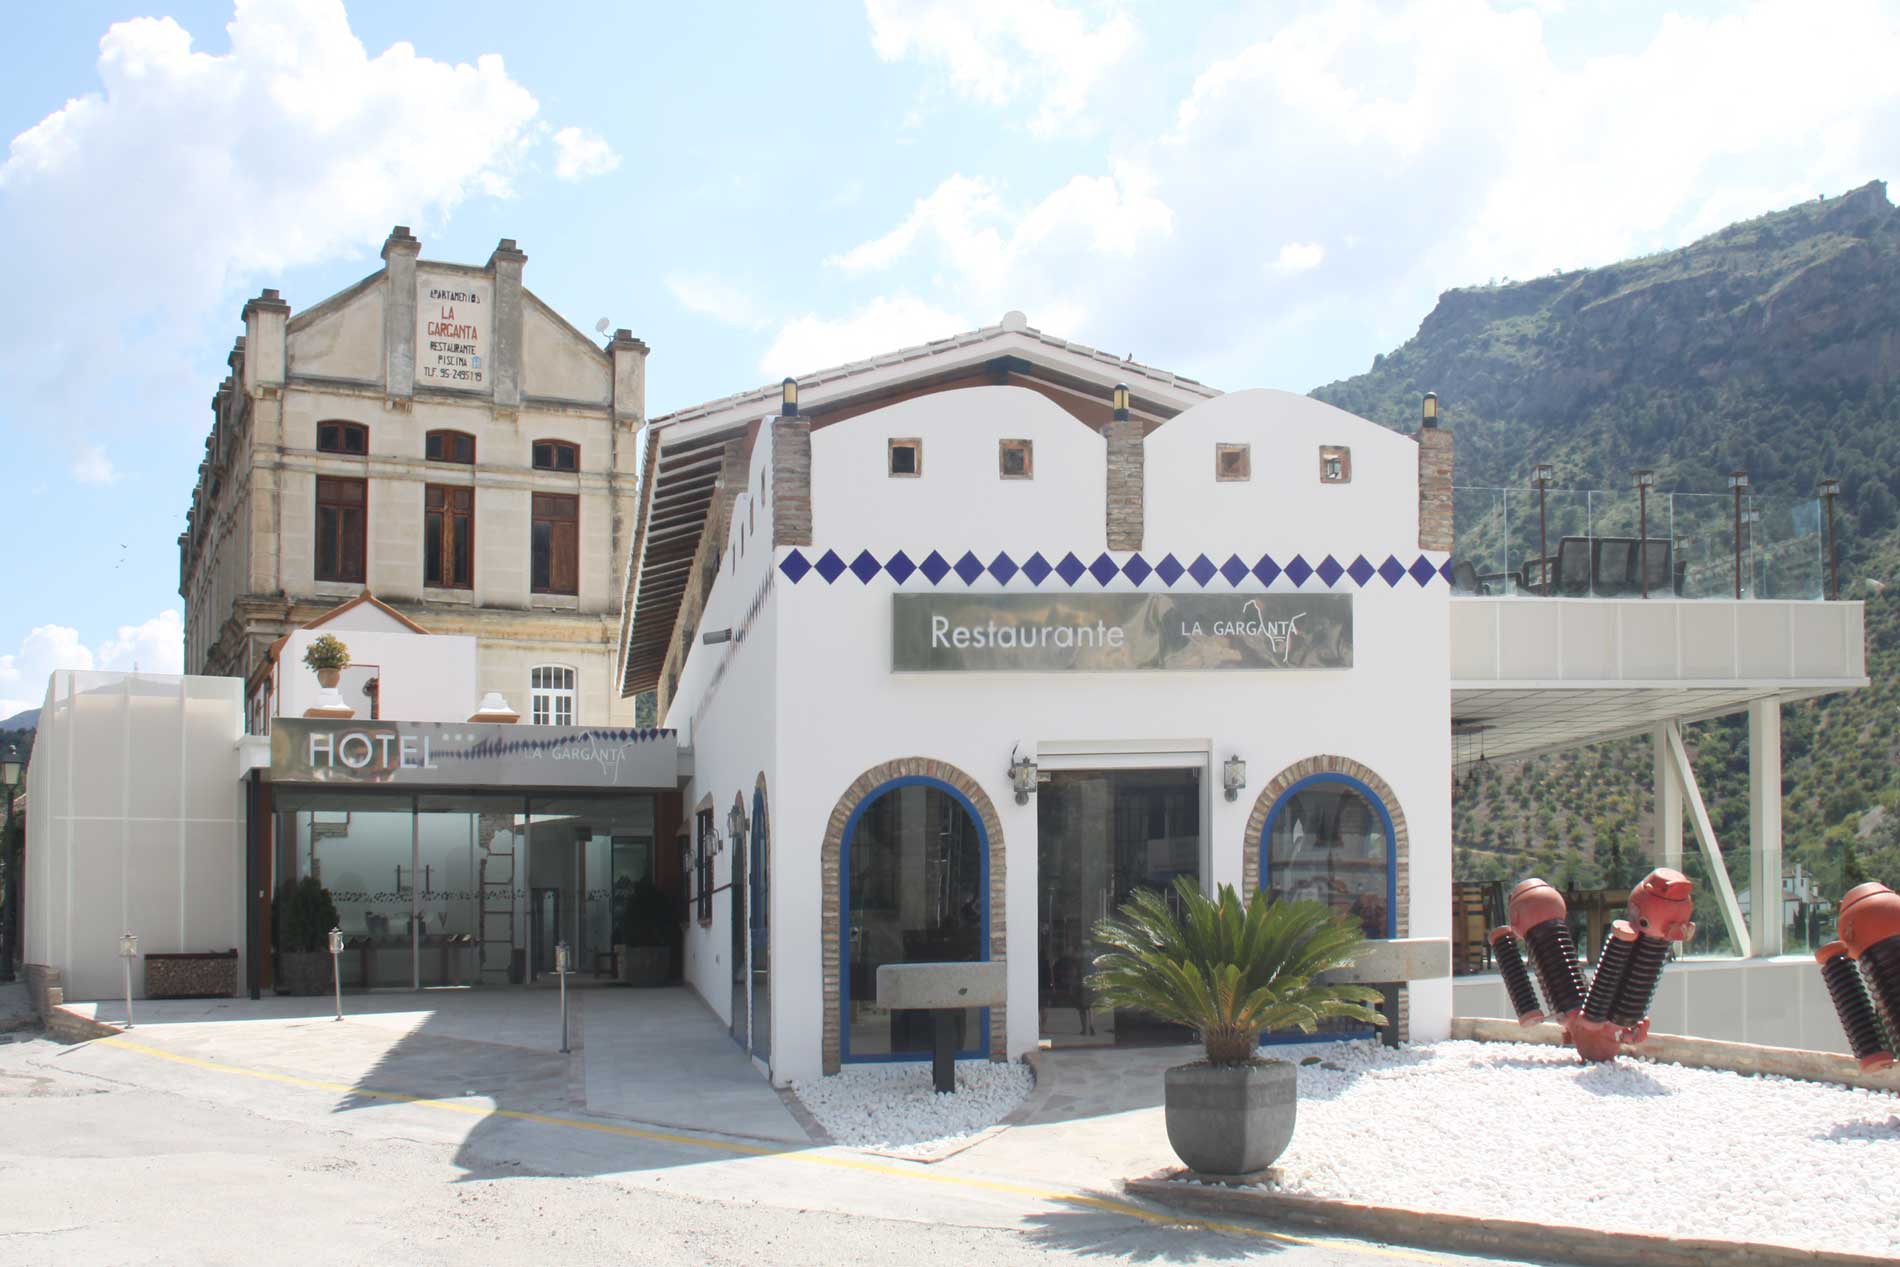 Fachada del hotel y restaurante de La Garganta